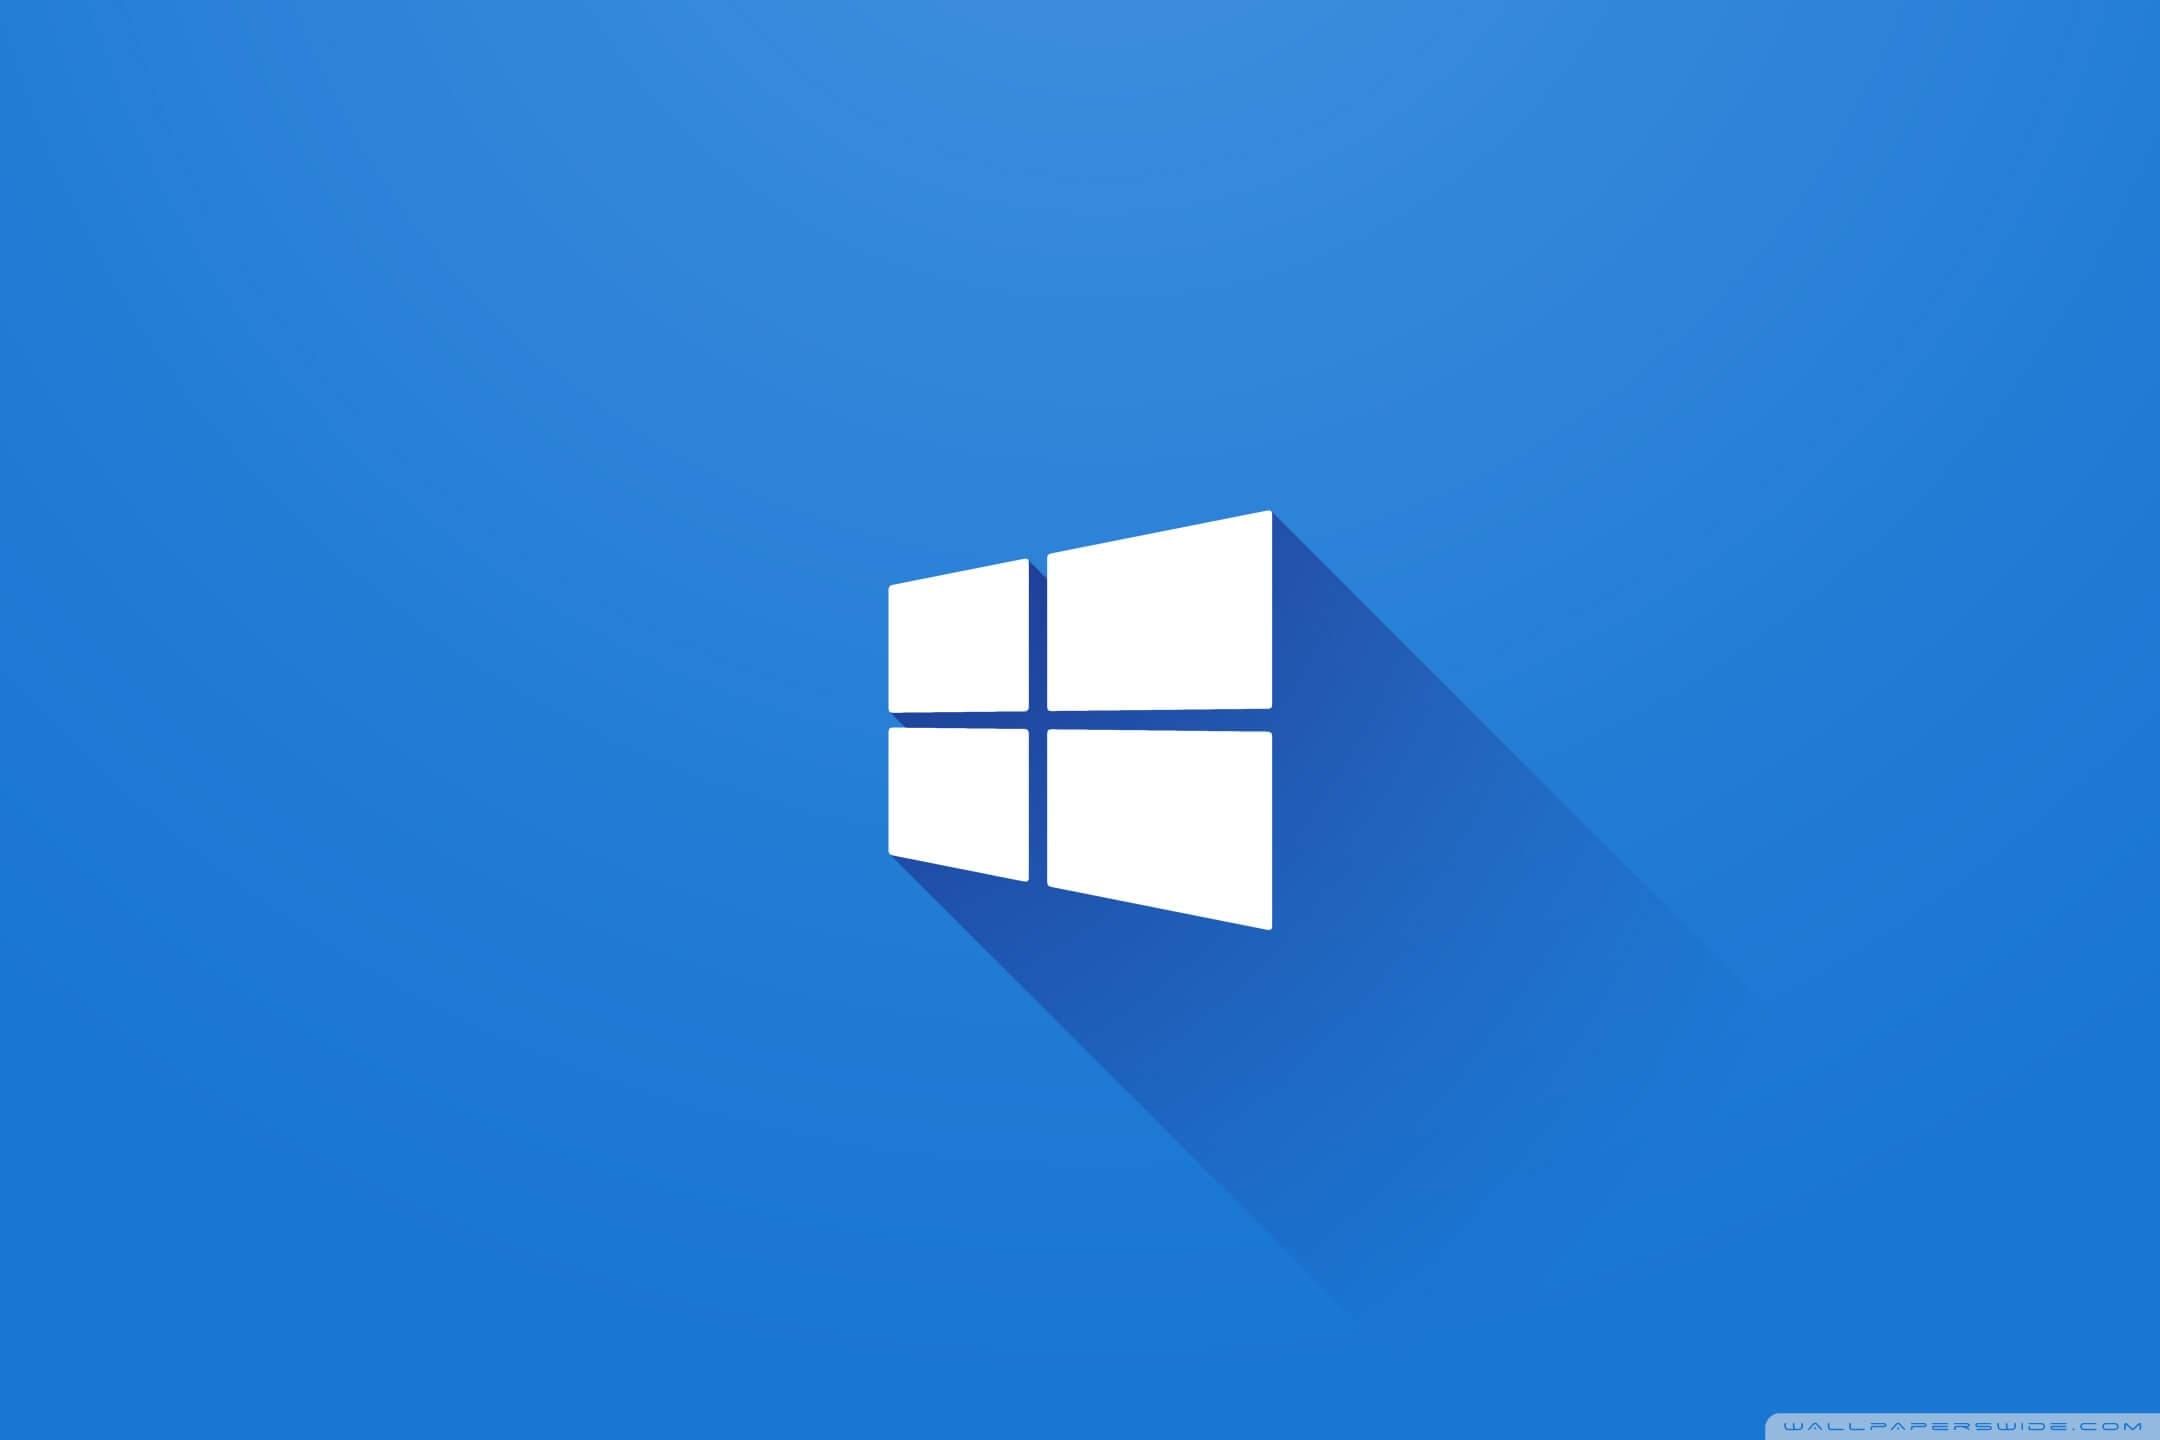 windows10logowallpaper2160x1440 � clintonfitchcom